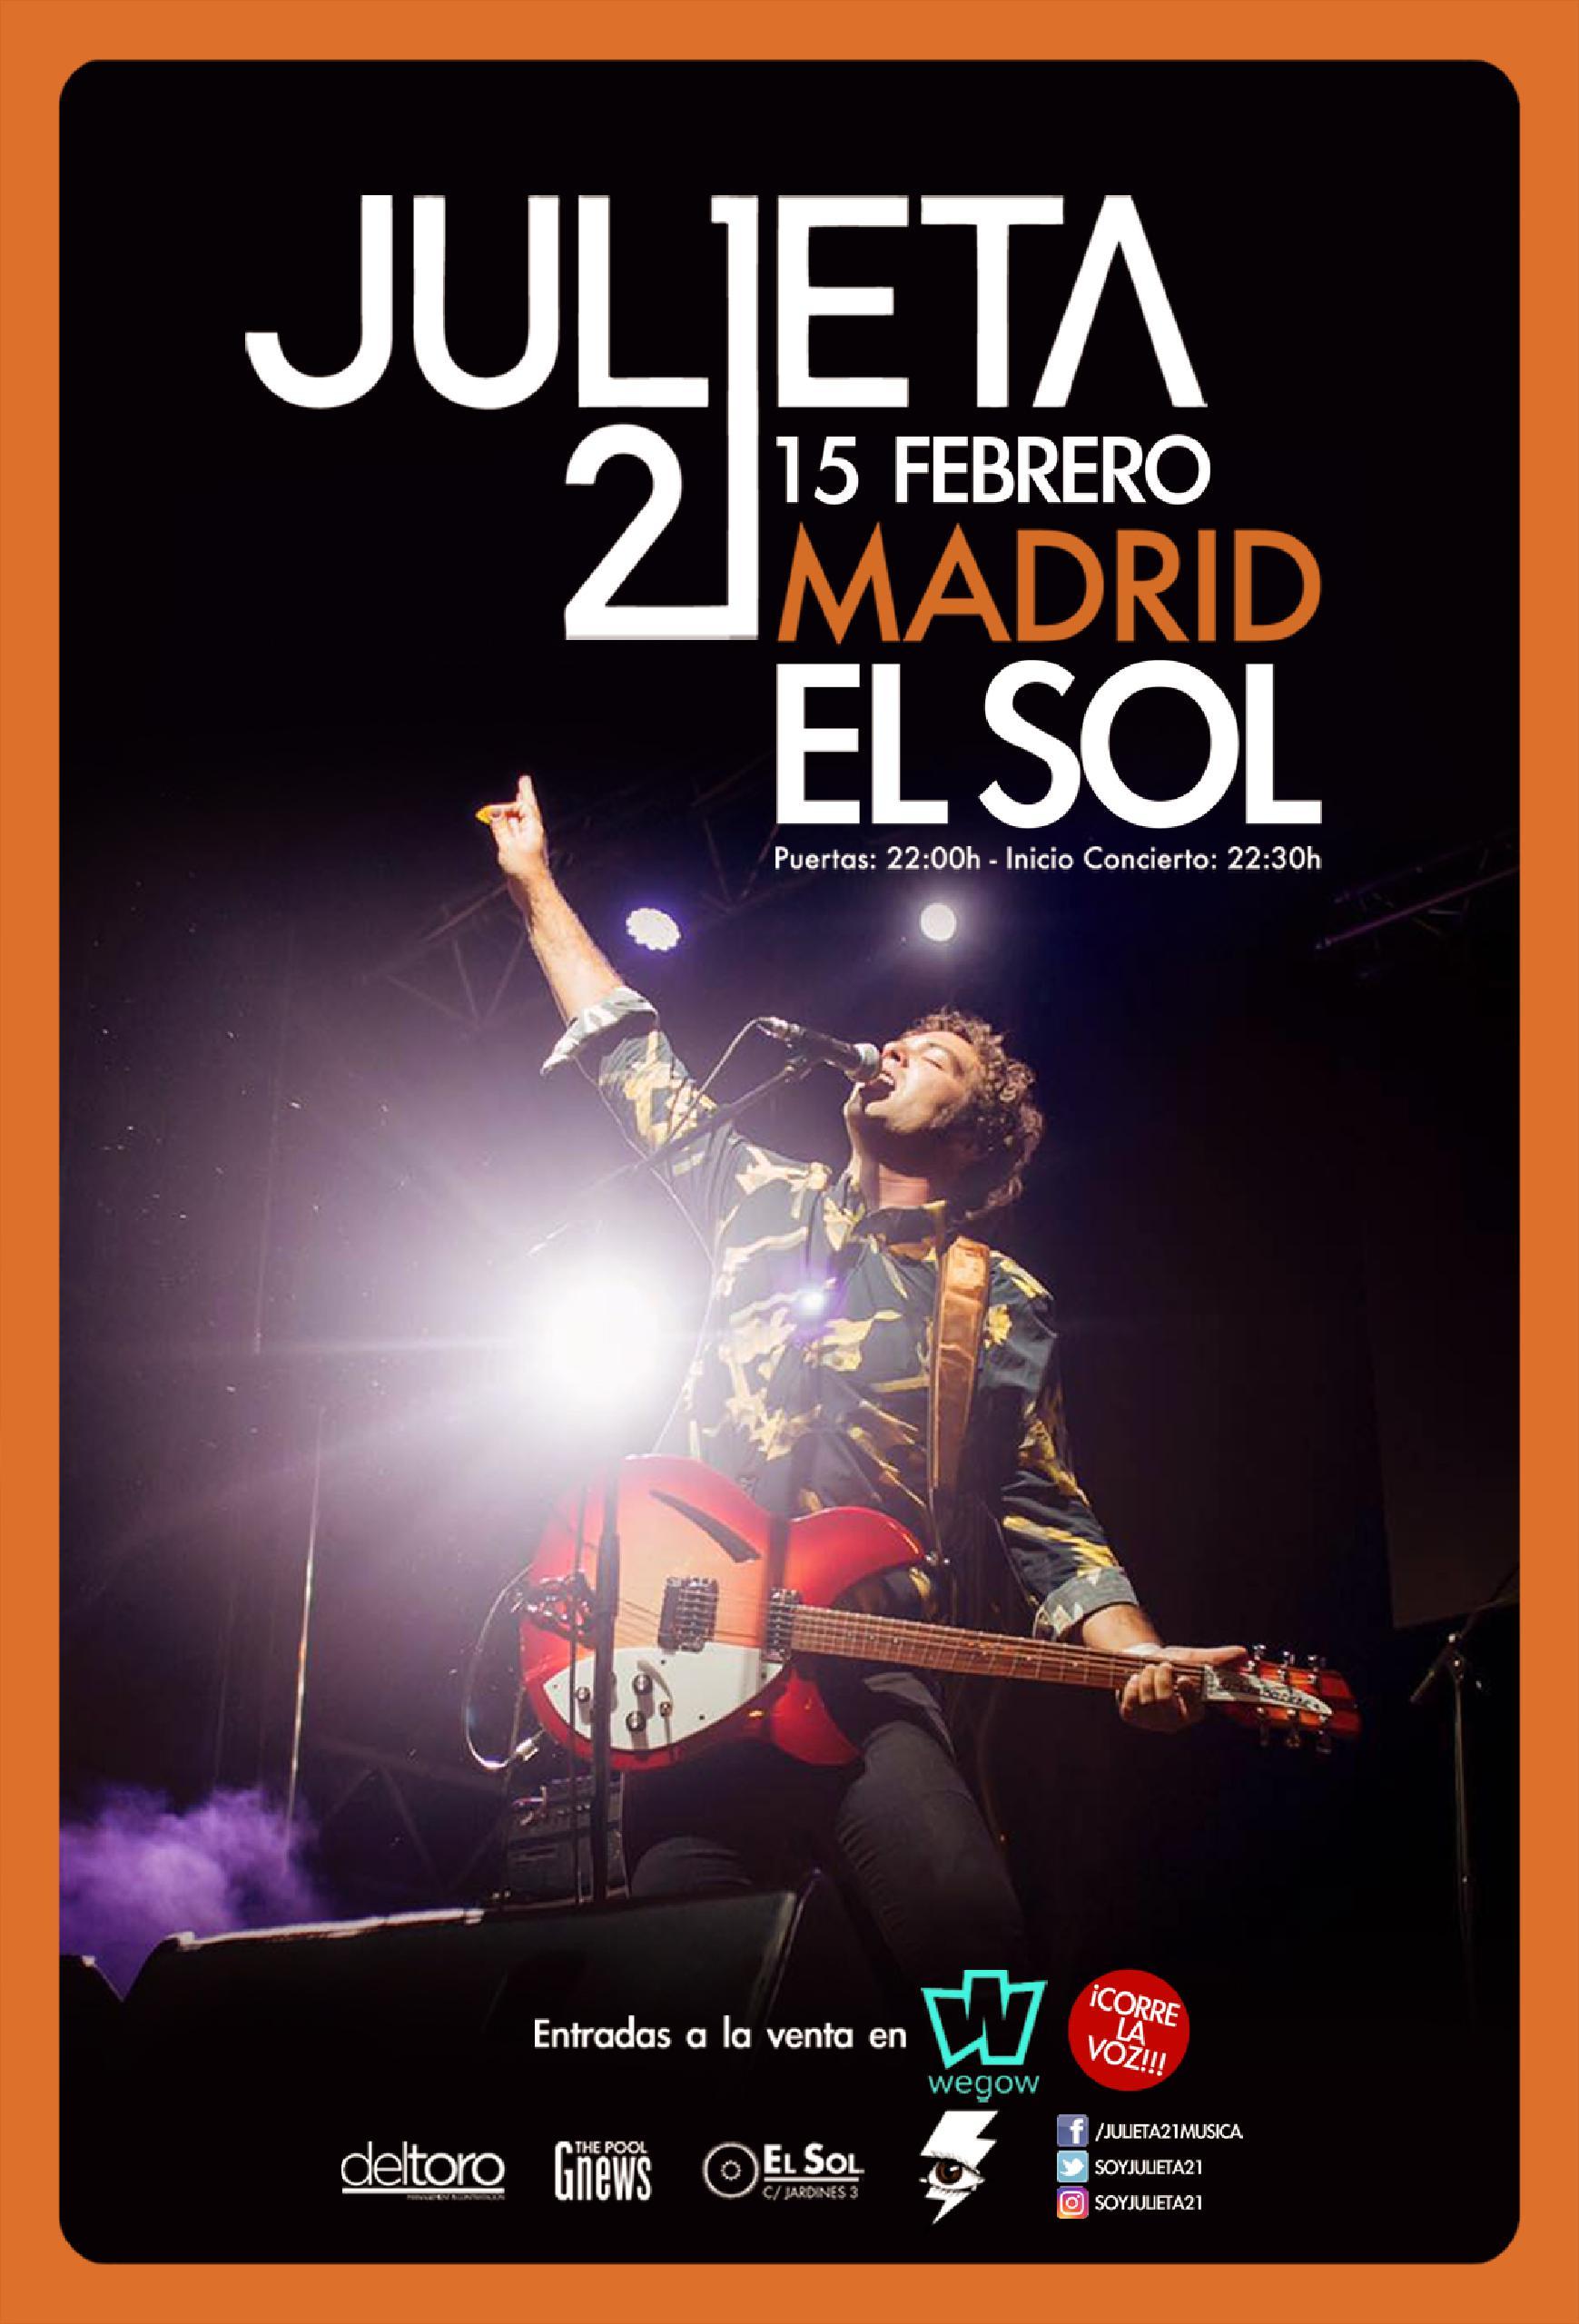 Julieta 21 en Madrid